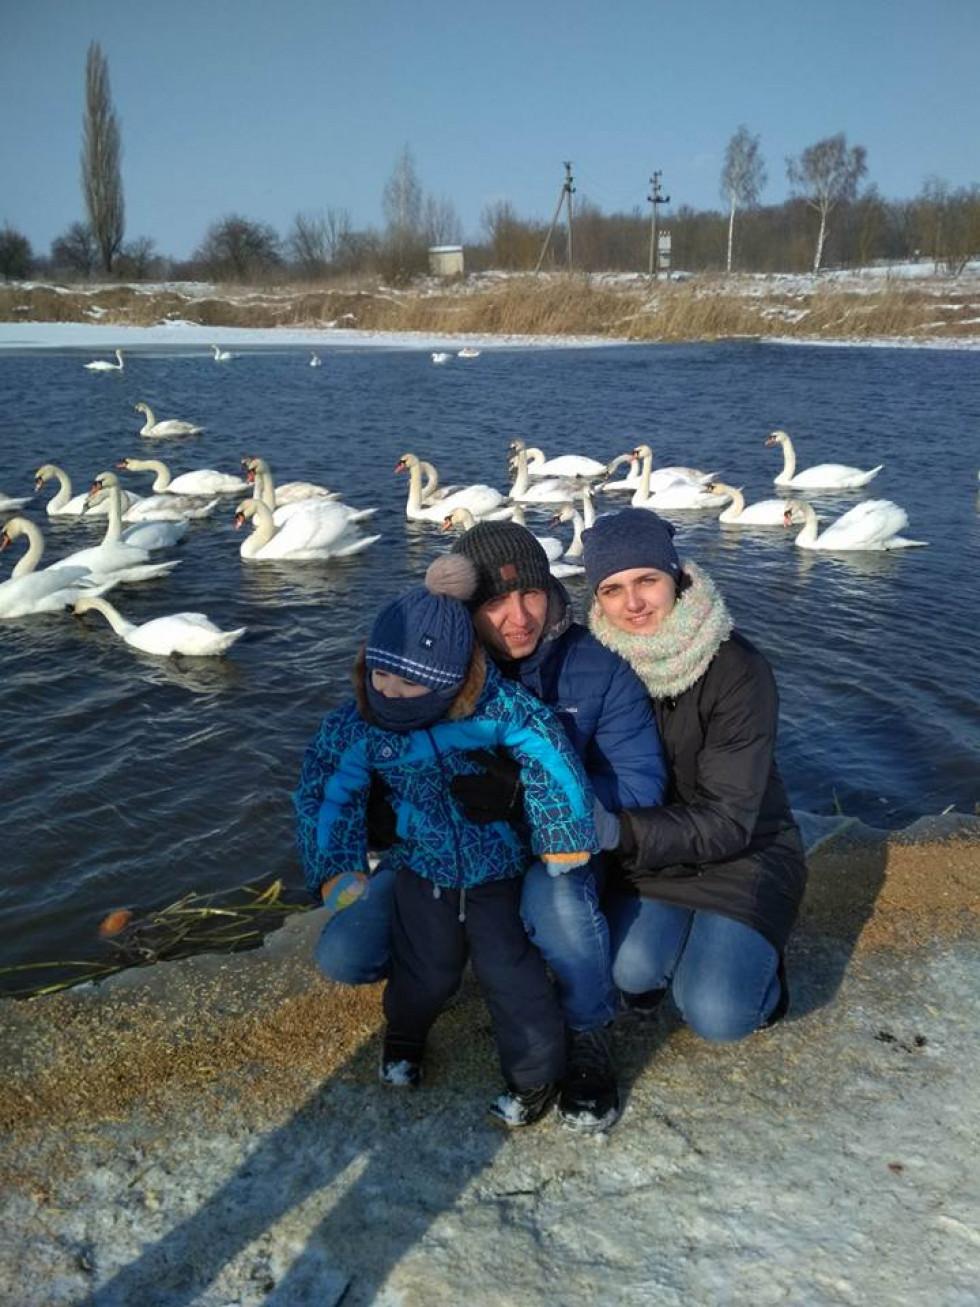 Родина приїхала відпочити і зазнімкувала сотні лебедів